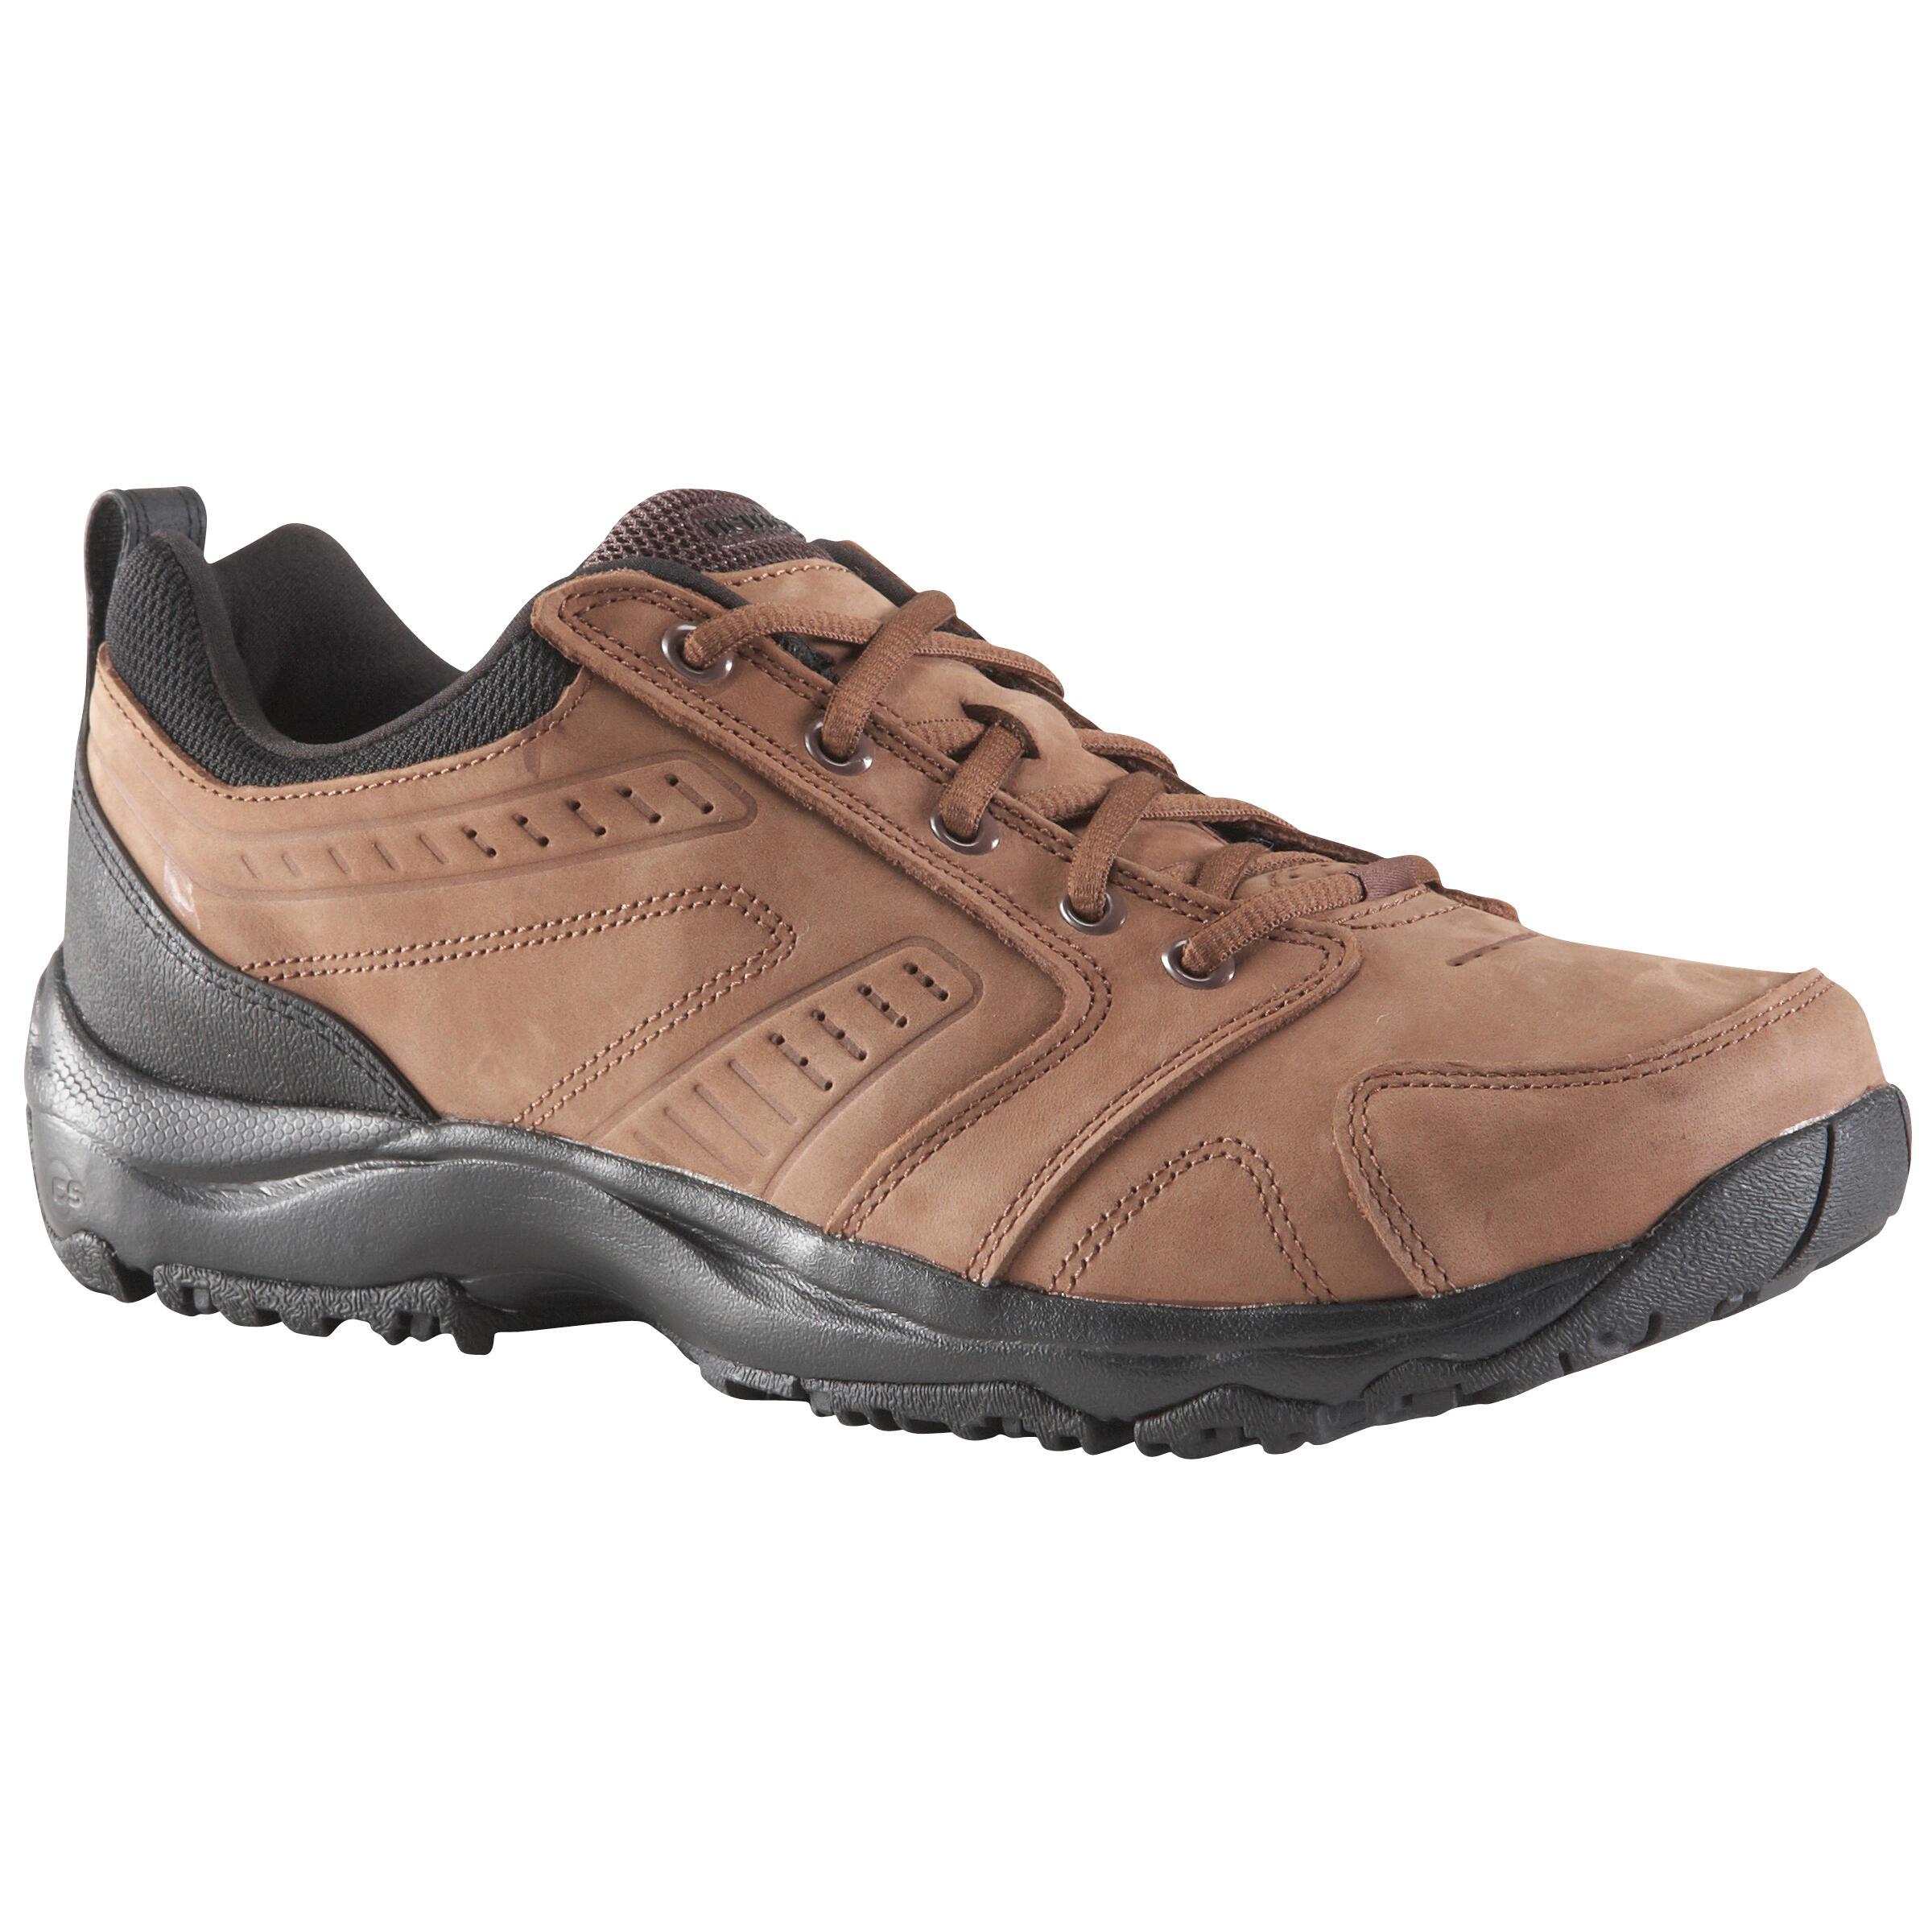 NEWFEEL Chaussures marche active homme Nakuru Confort cuir marron - NEWFEEL - 43